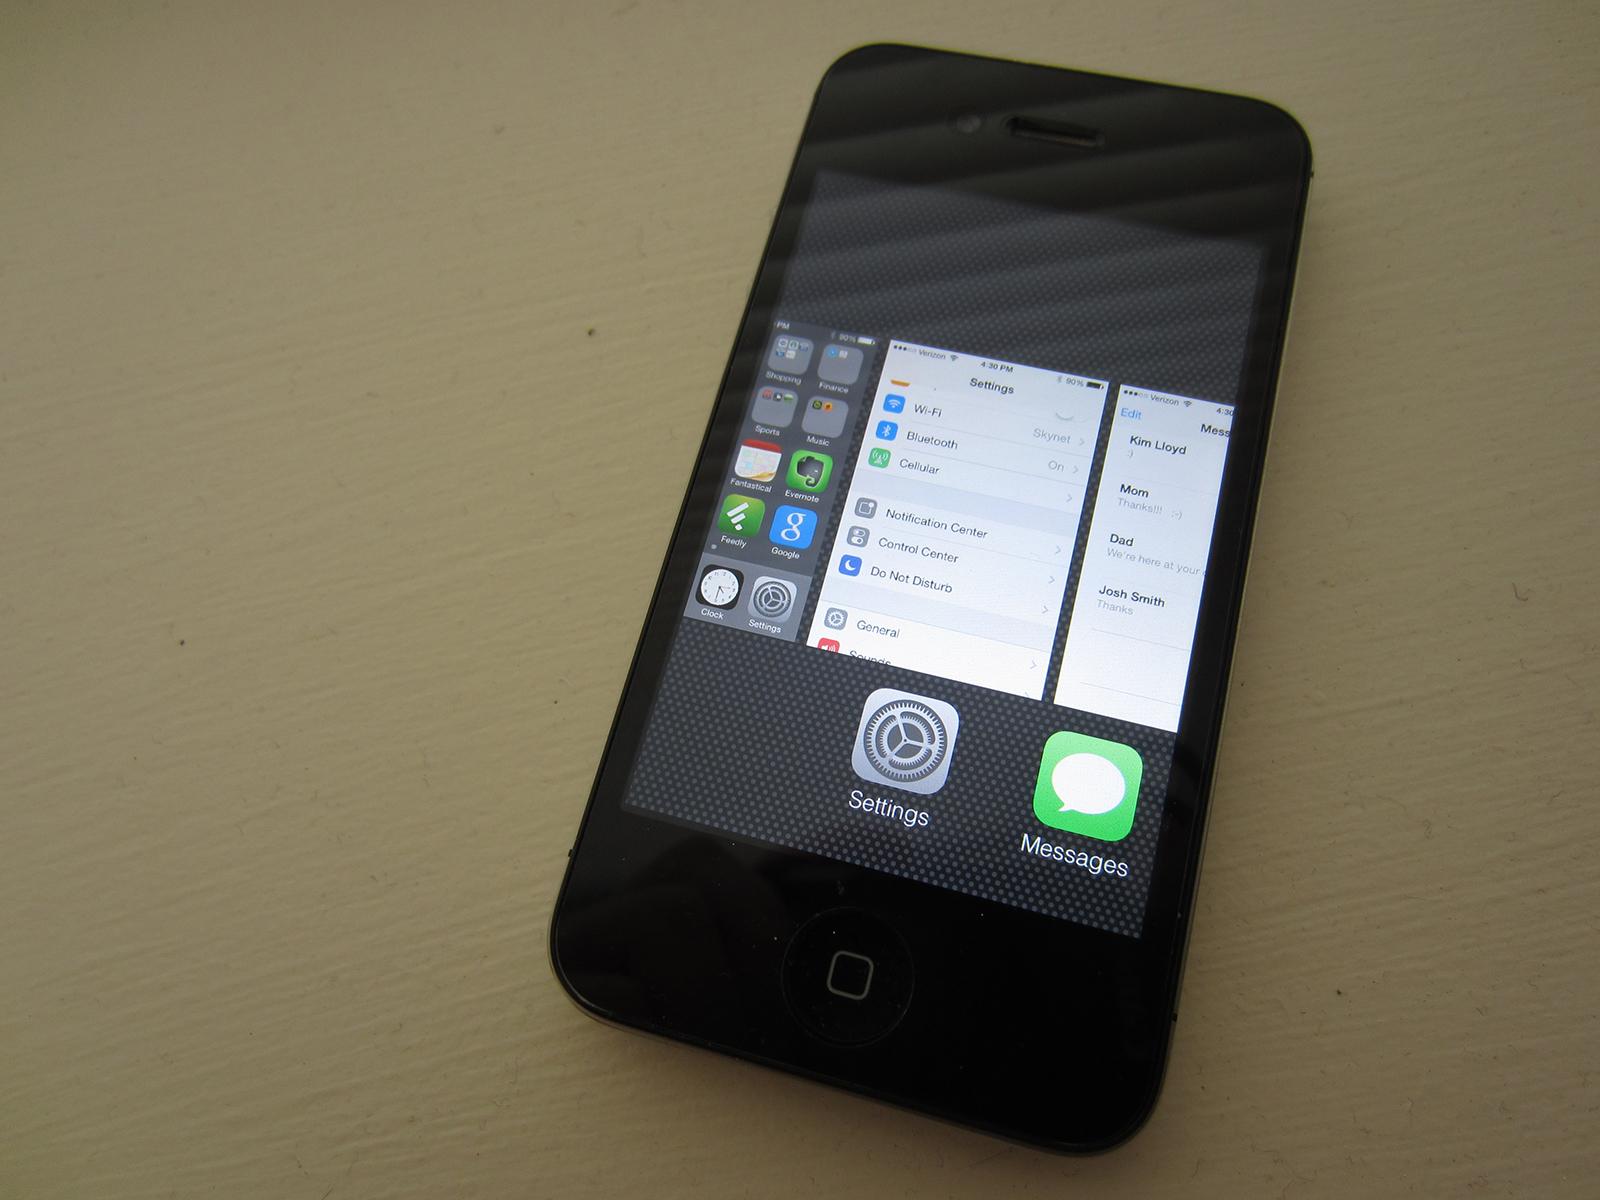 Recensioner för iPhone 4 iOS 7 är blandade.